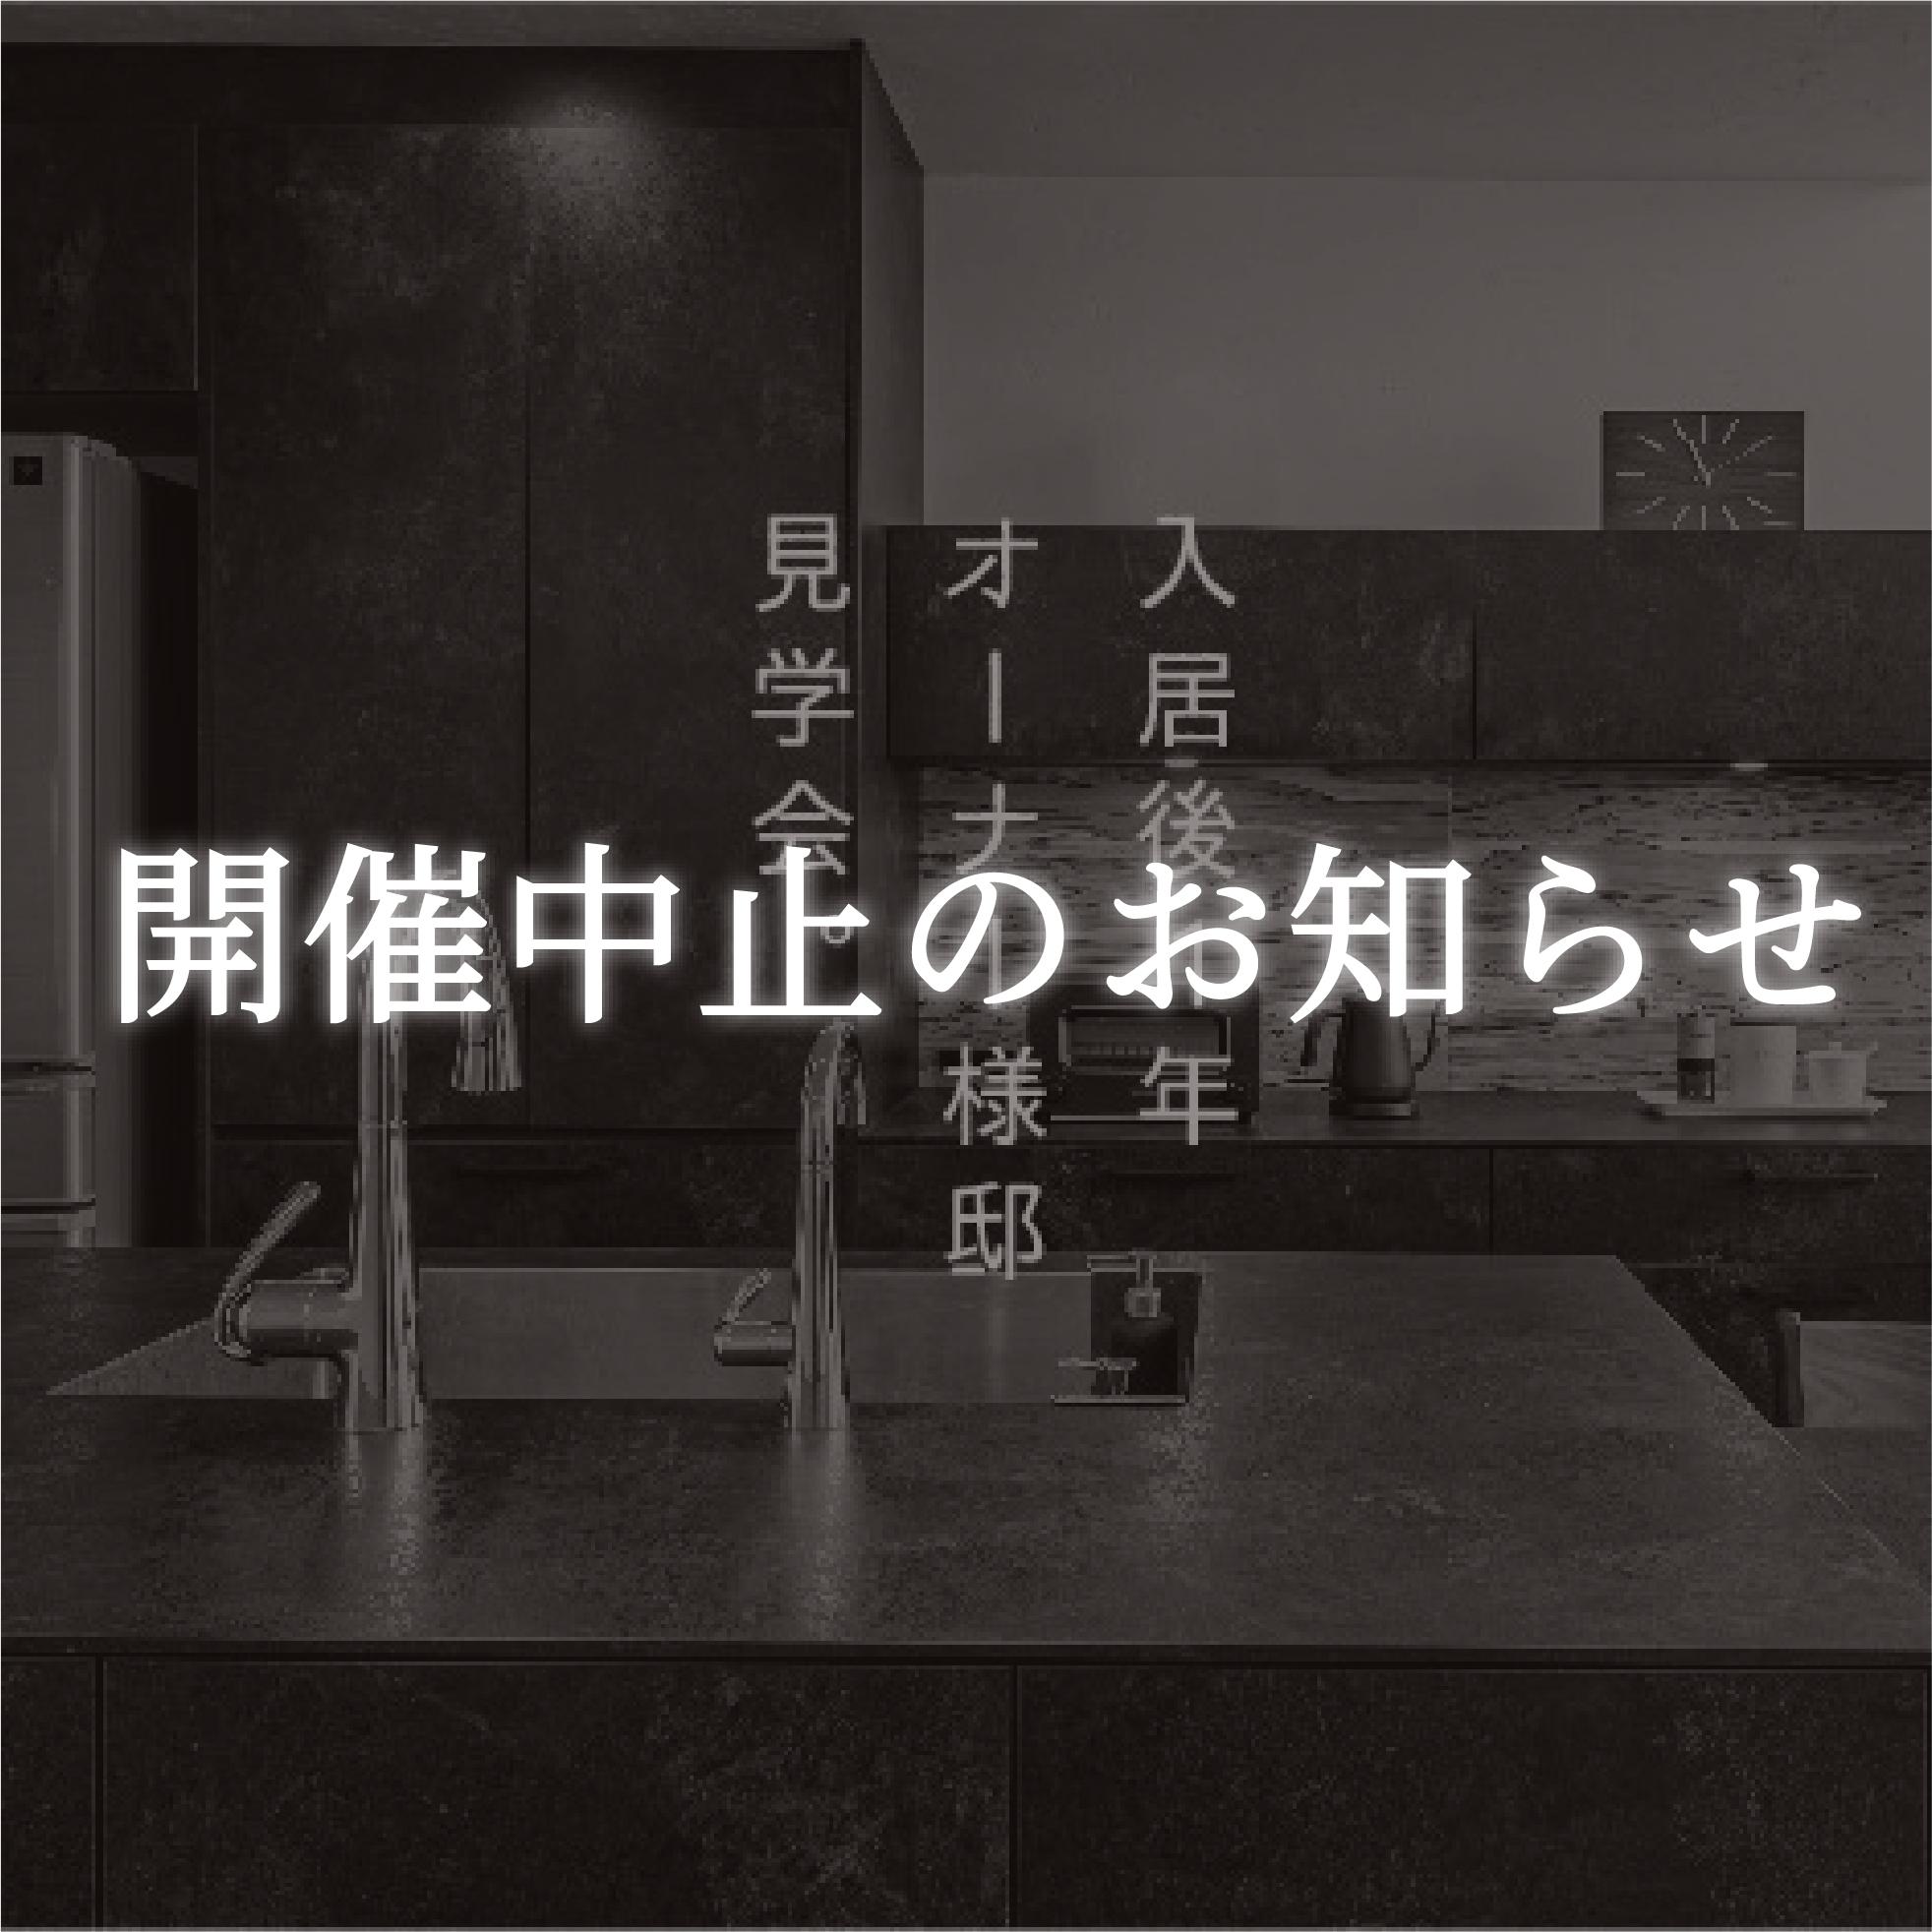 【入居後1年オーナー様邸見学会 in稲沢市】開催中止のお知らせ